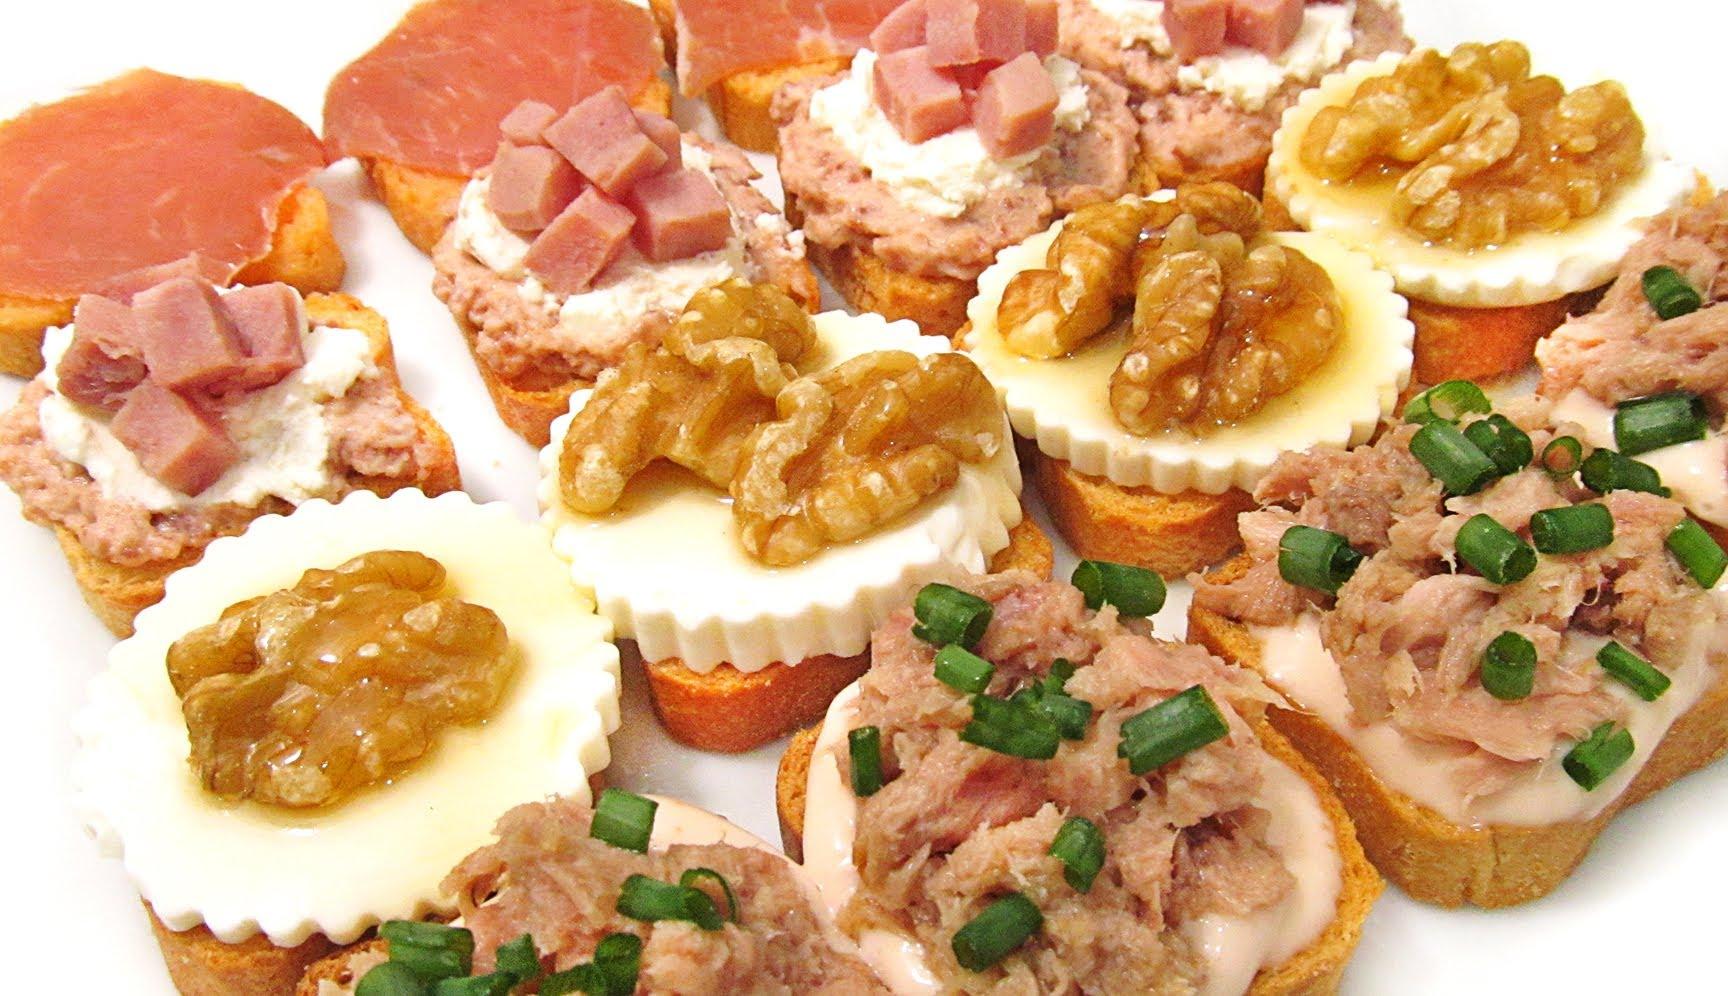 Canap s variados para fiestas ok recetas - Platos originales y sencillos ...